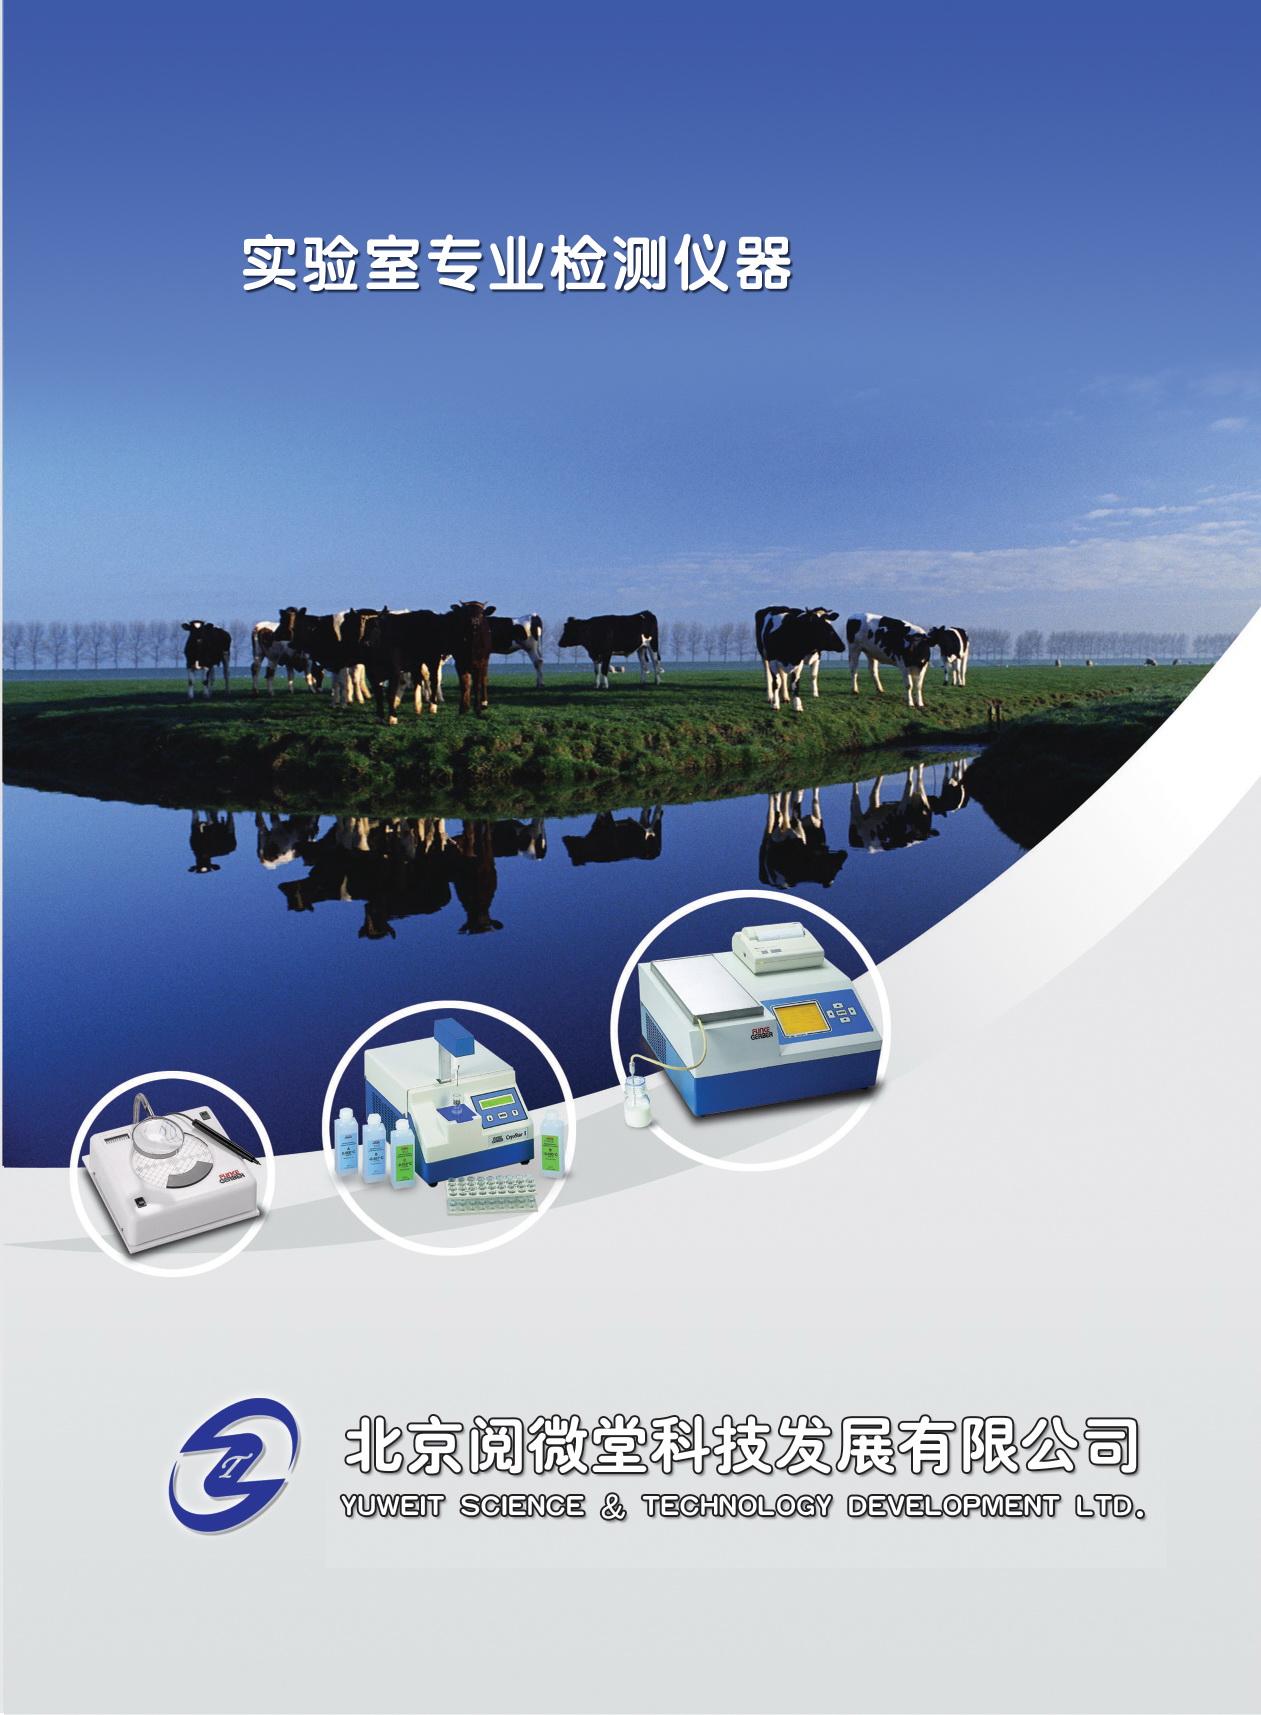 北京閱微堂科技發展有限公司樣本資料